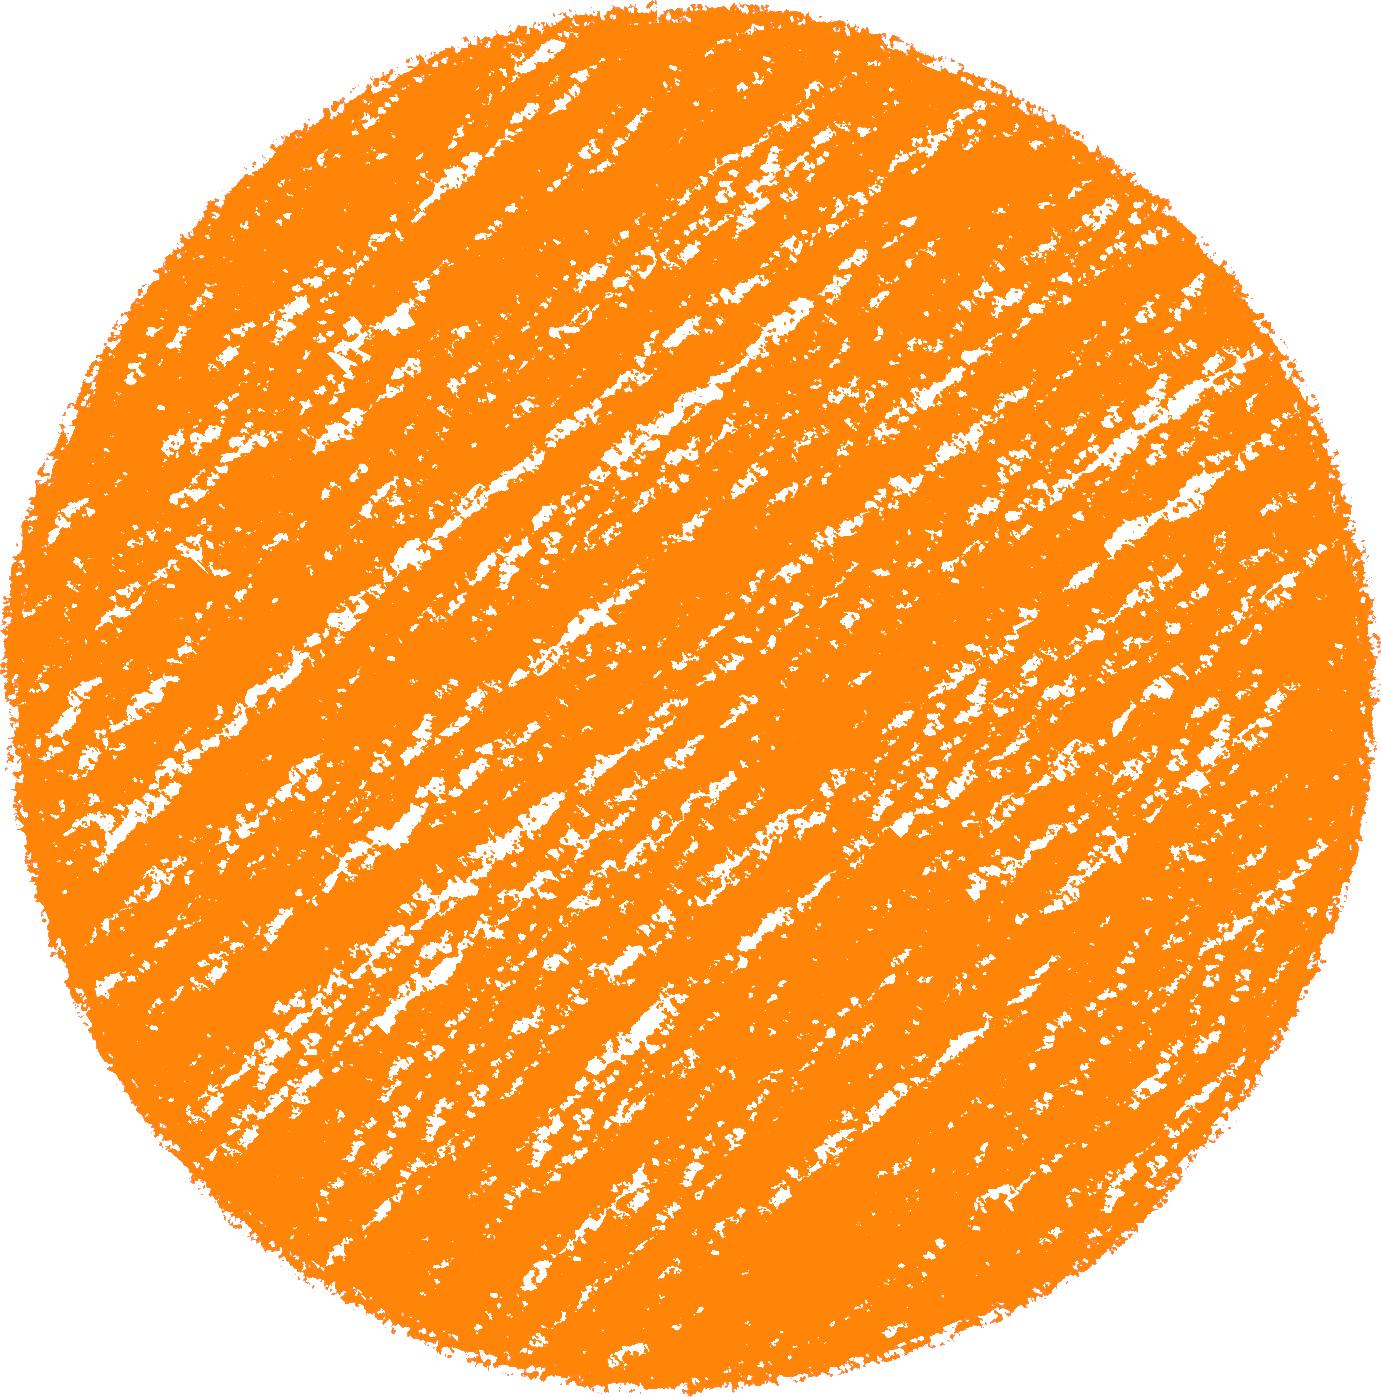 クレヨン塗り背景 だいだい色 新(オレンジ)丸 のイラスト sircle_d_orange